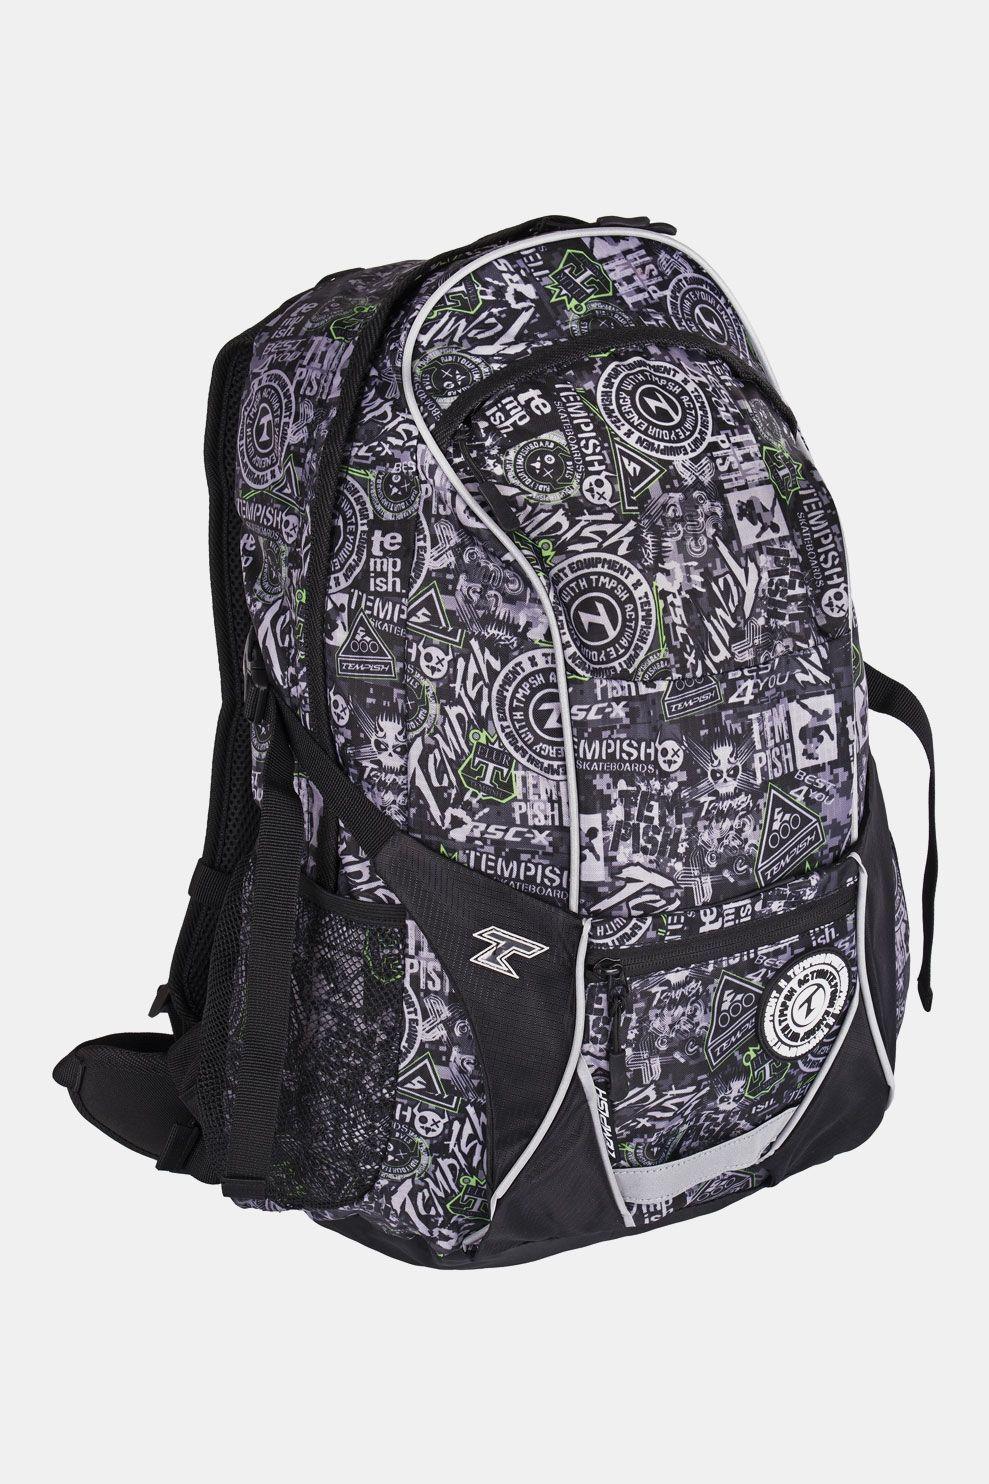 Tempish Dixi New Backpack 27L Zwart/Middengrijs